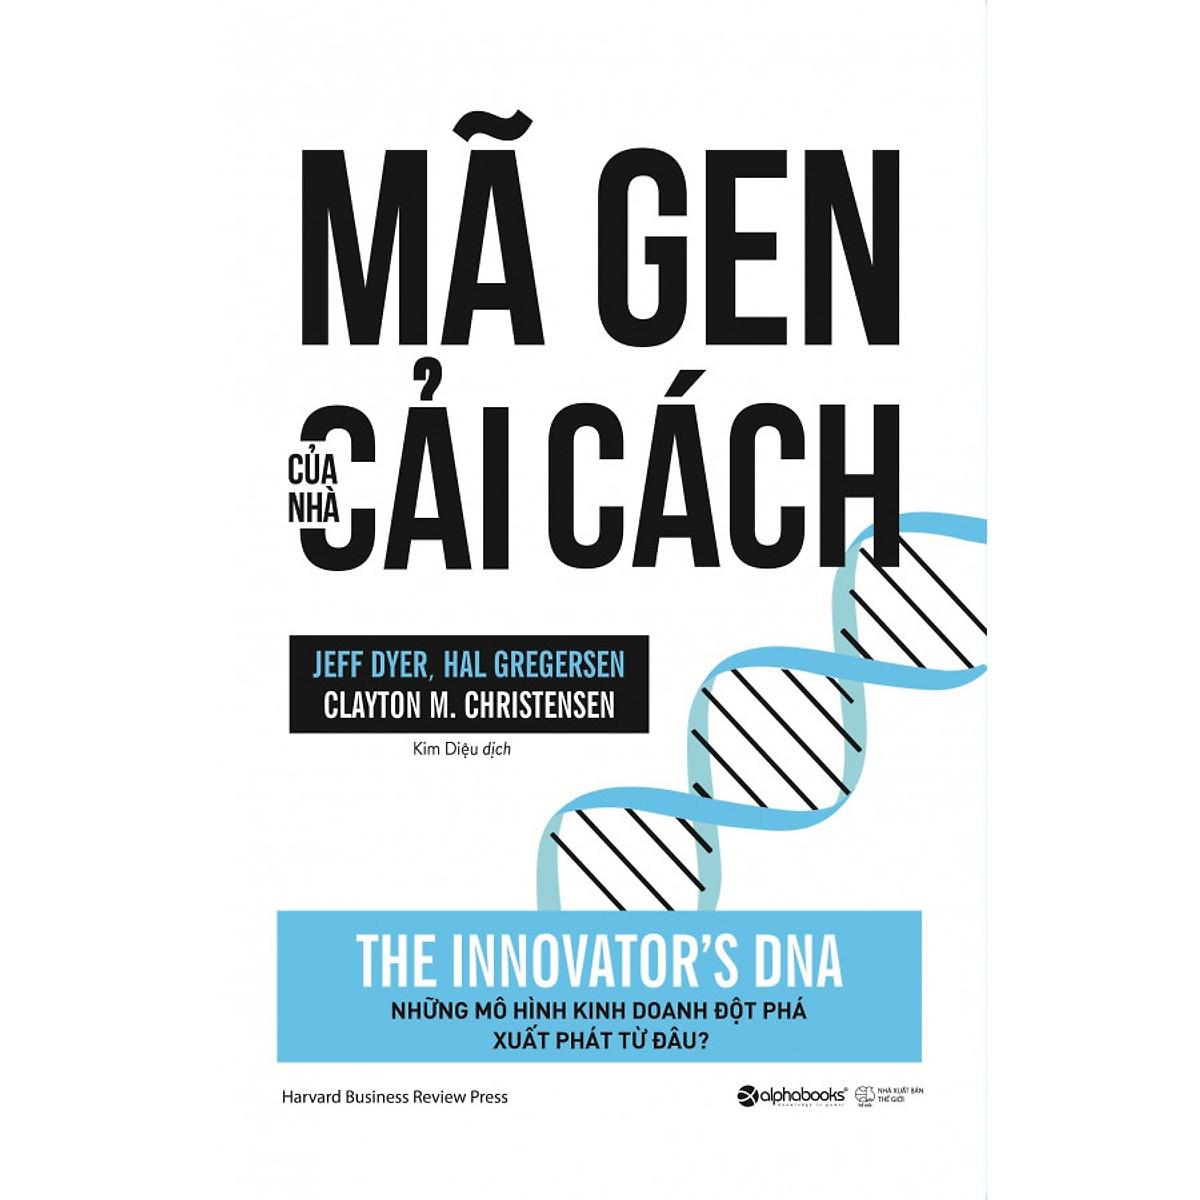 Bộ Sách Về Đổi Mới Sáng Tạo Dành Cho Các CEO ( Giải Pháp Cho Đổi Mới Và Sáng Tạo + Đổi Mới Từ Cốt Lõi + Mã Gen Của Nhà Cải Cách ) Tặng Bookmark Tuyệt Đẹp